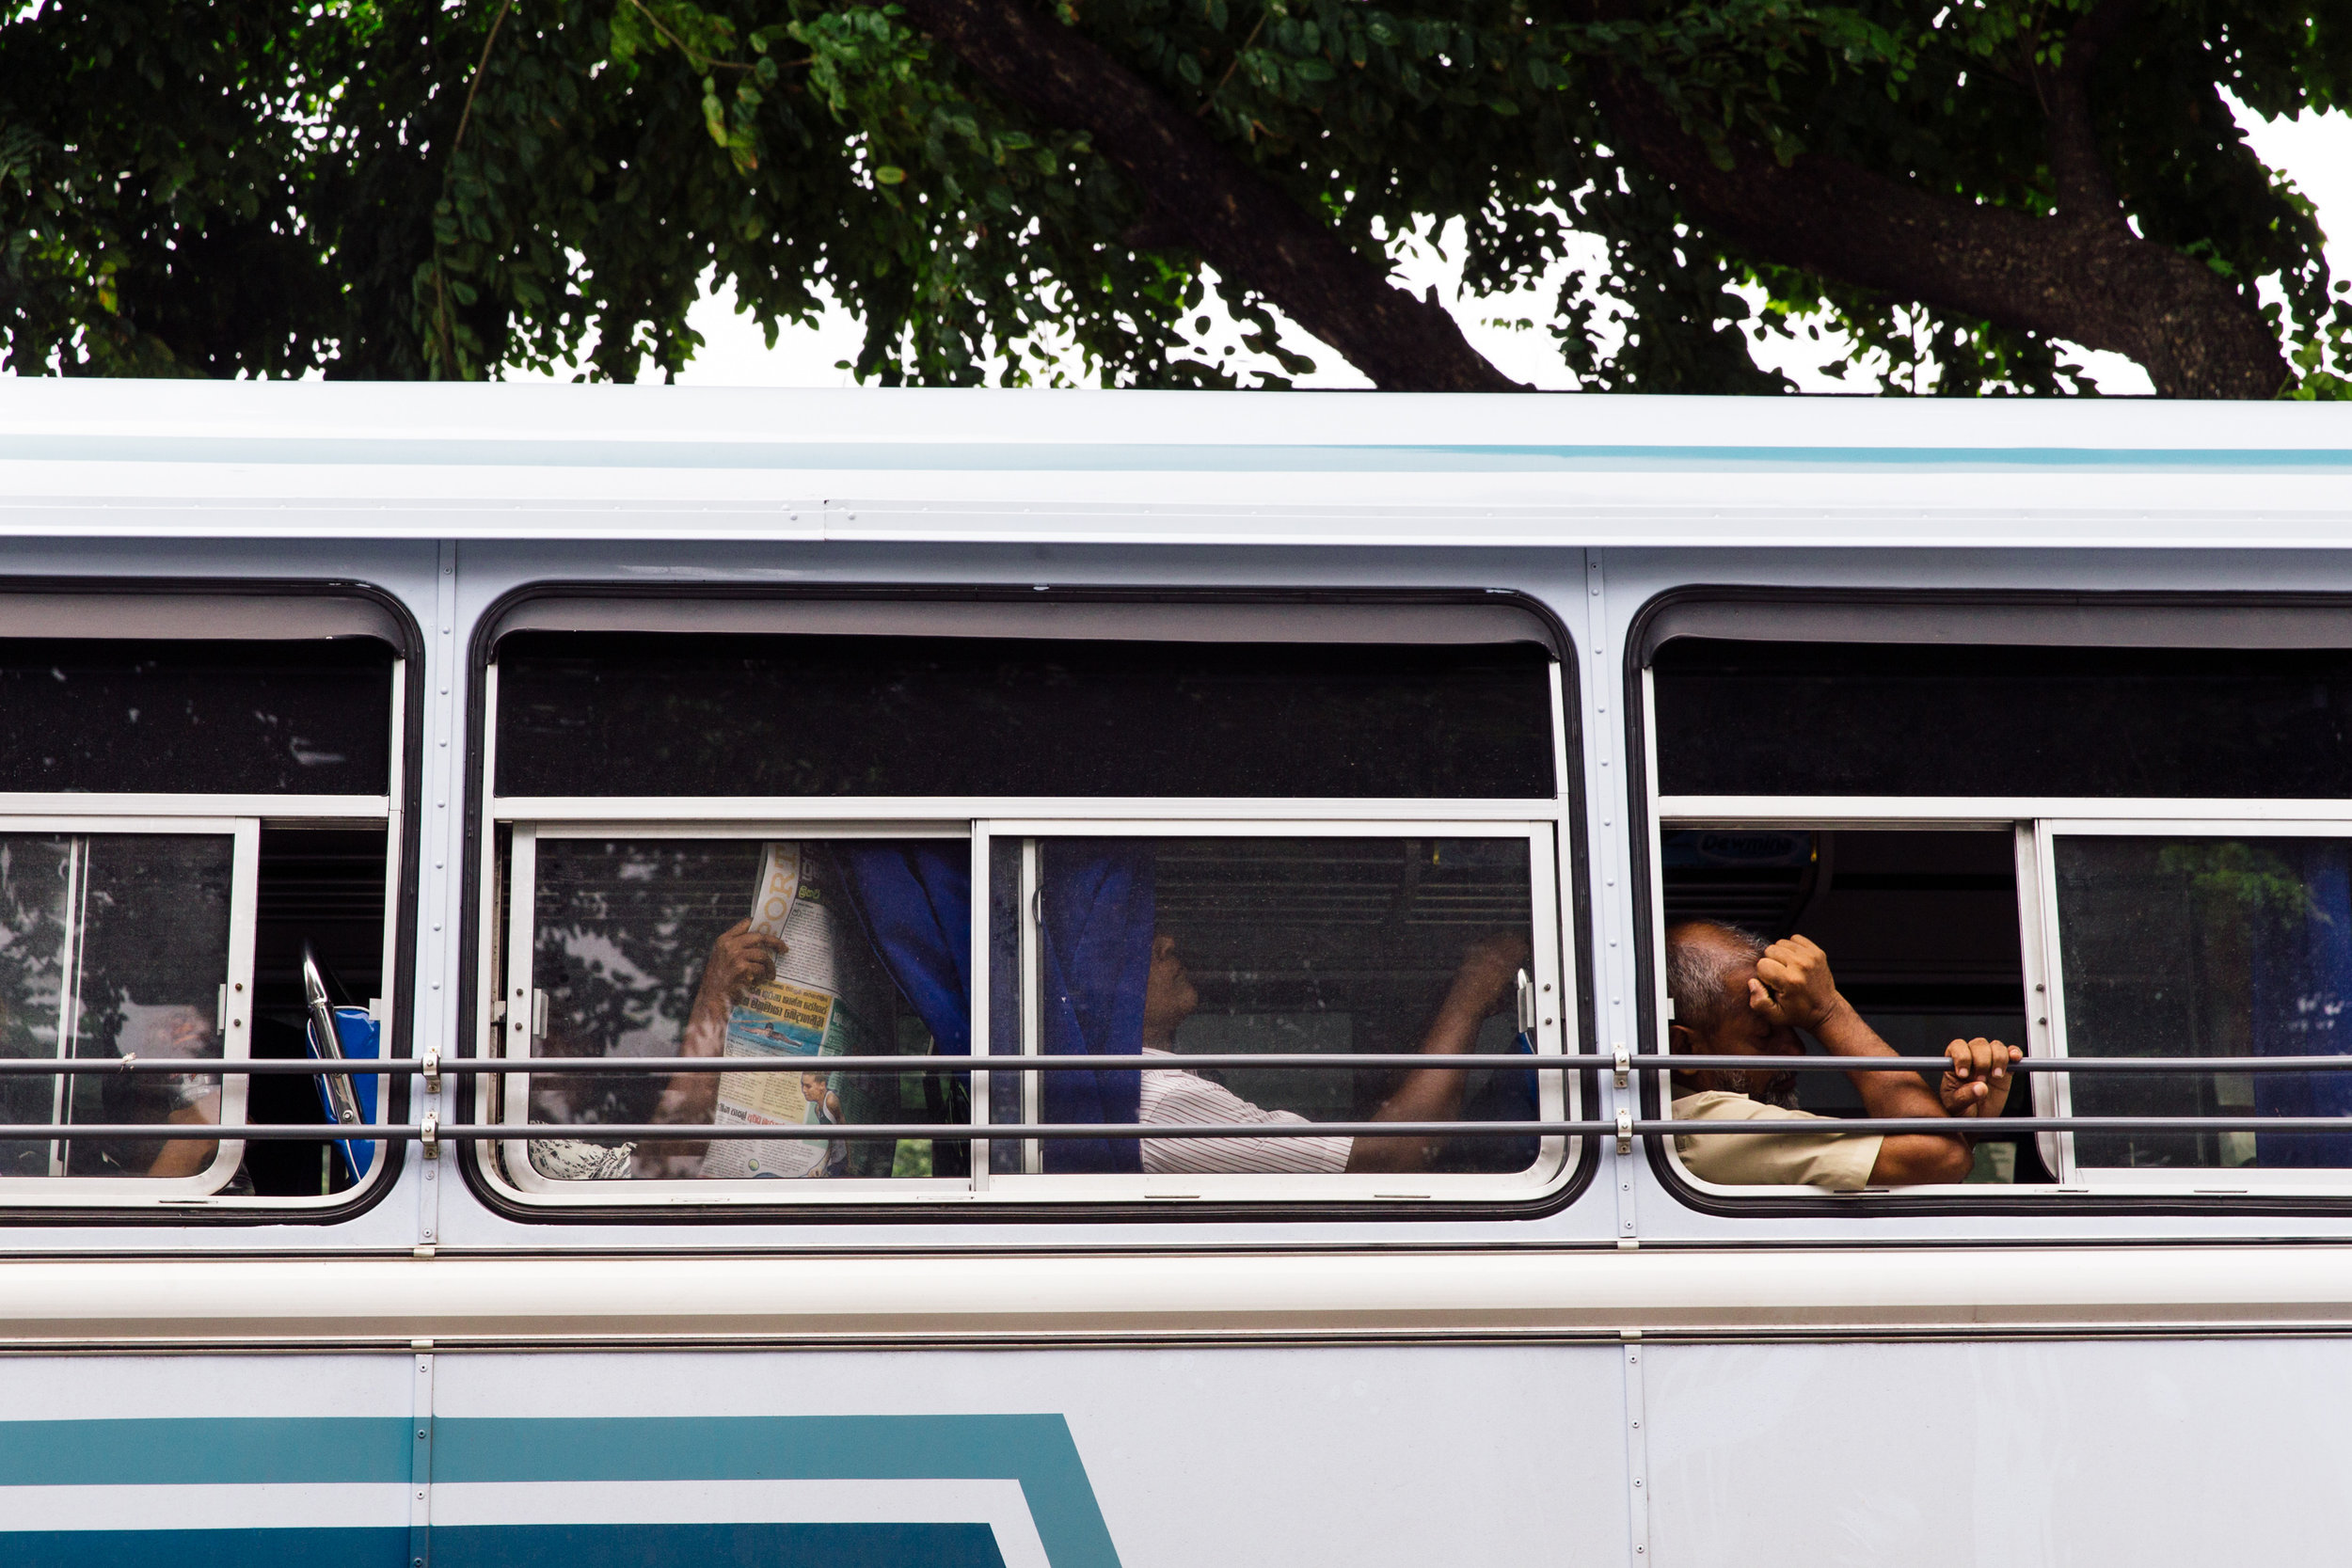 Delicious-SriLanka-PhotosCarolineMcCredie-Hi-331.jpg